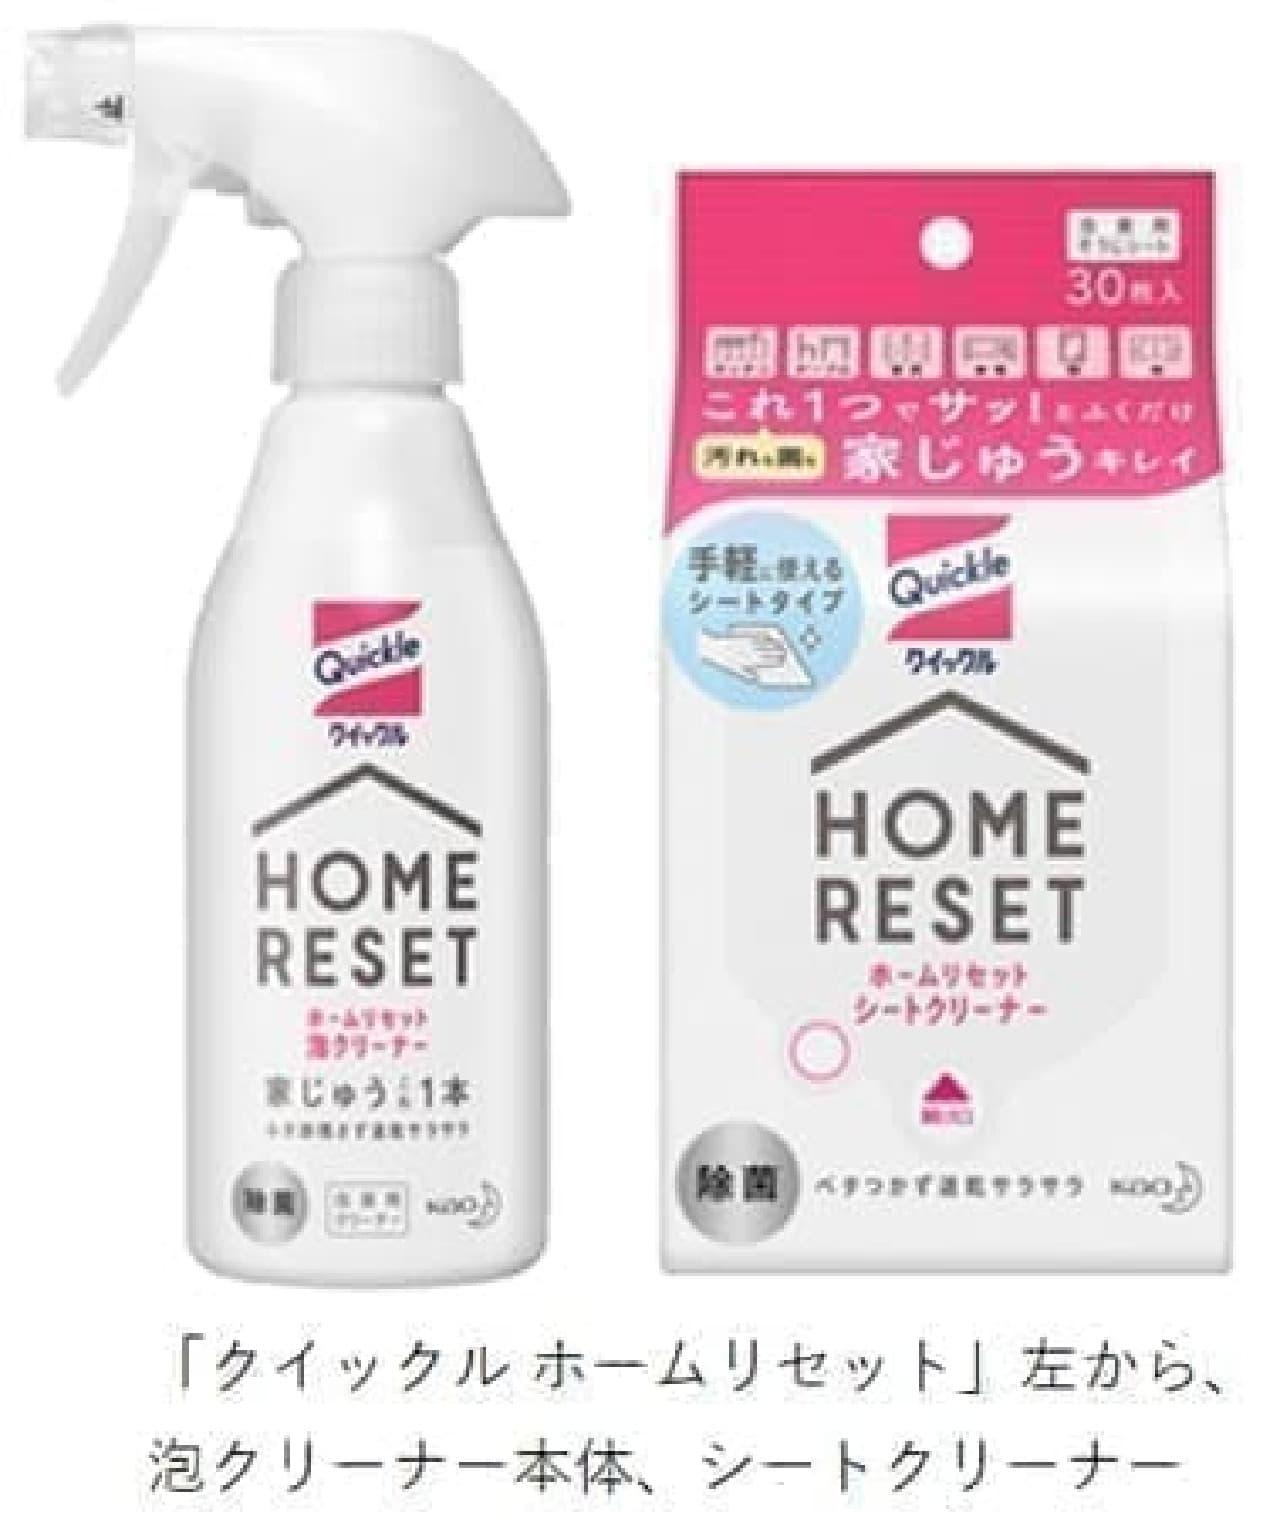 家じゅう拭き掃除できる花王「クイックル ホームリセット」 -- 除菌&ウイルス除去効果も